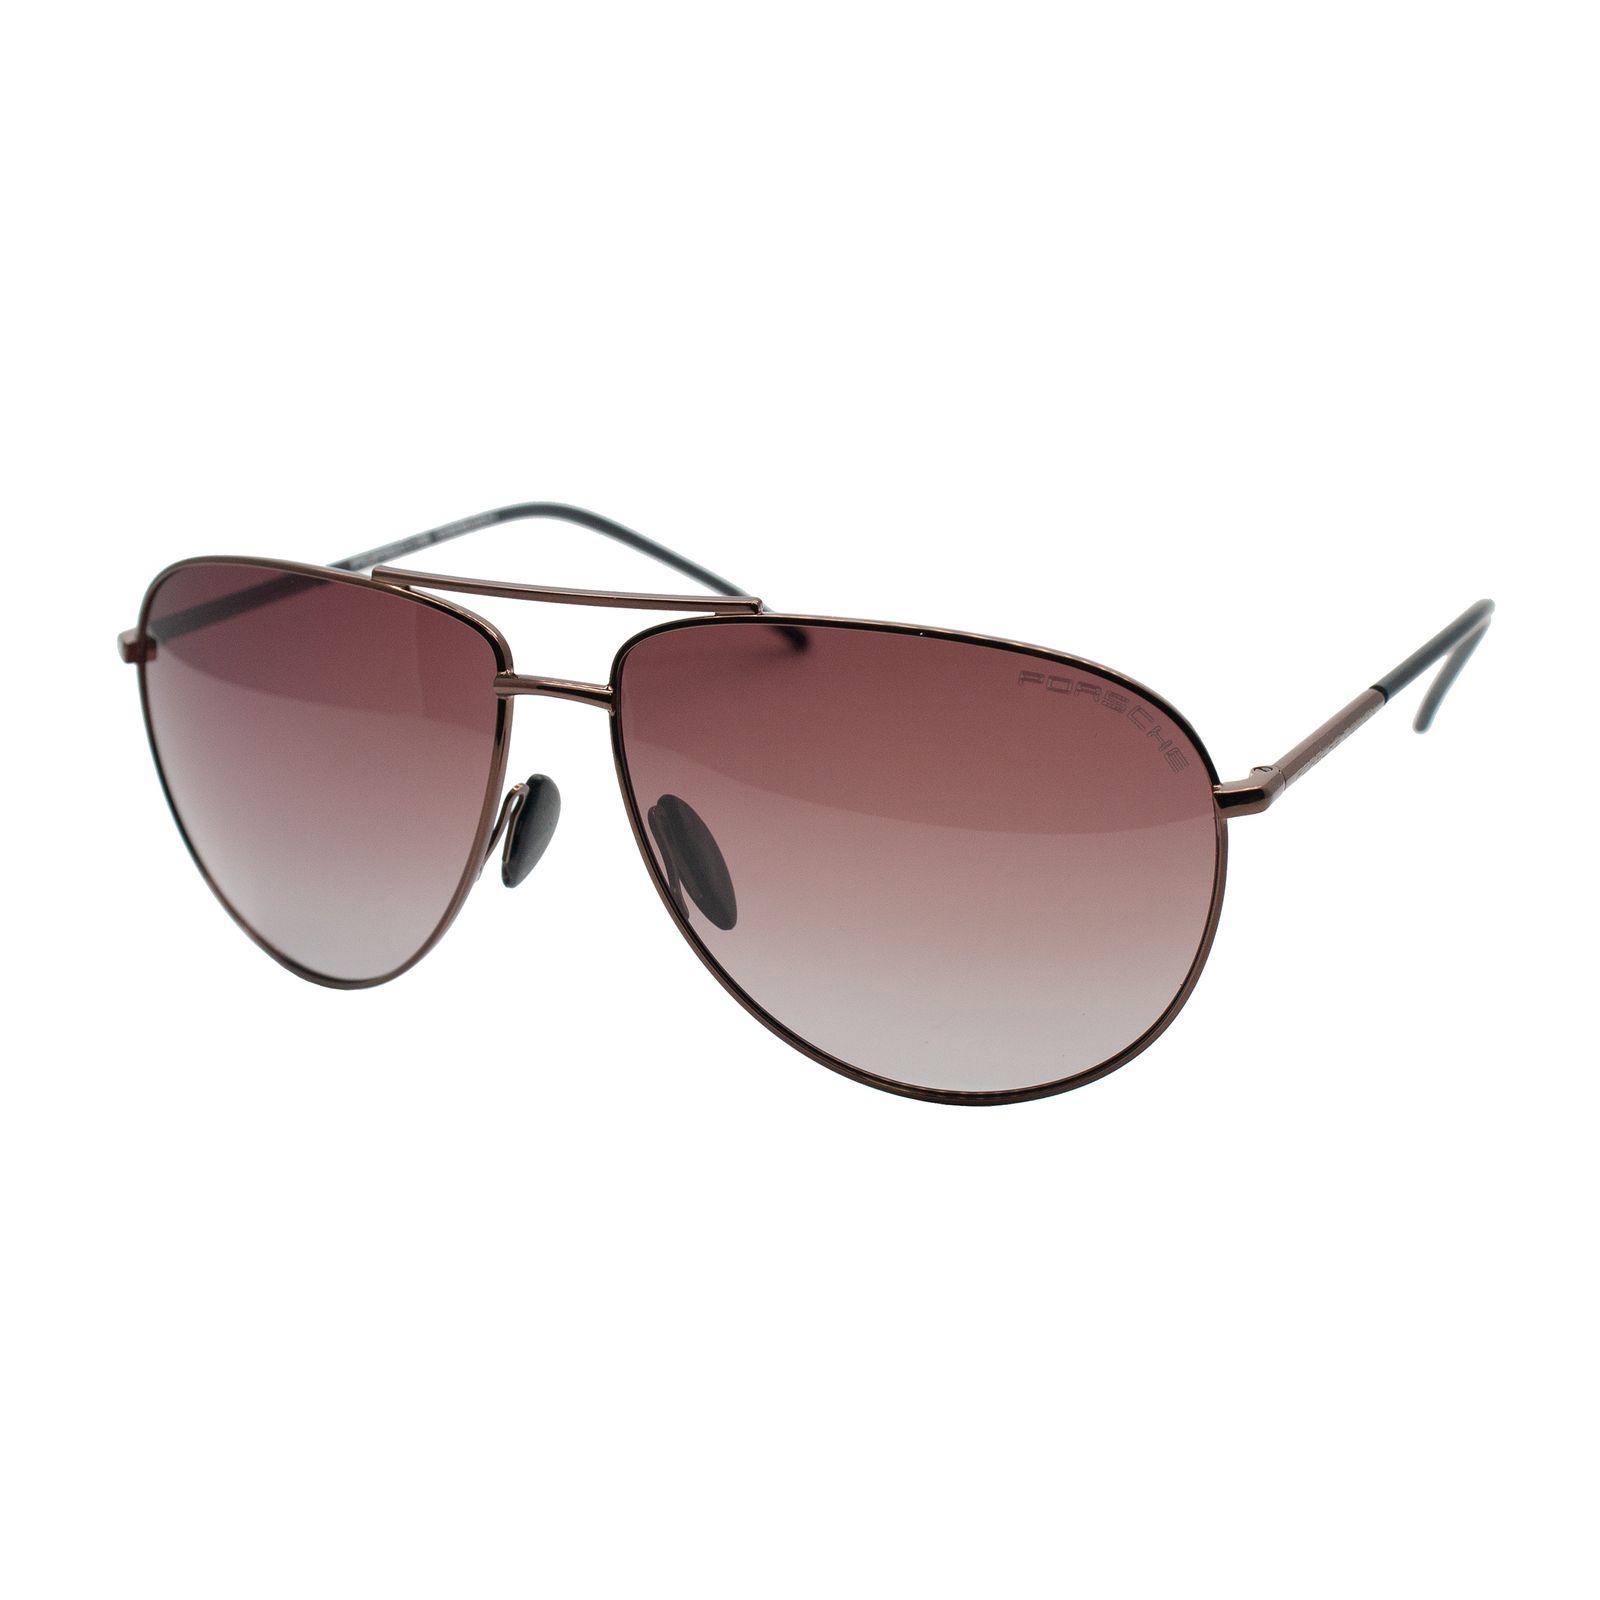 عینک آفتابی پورش دیزاین مدل P 8629 -  - 4